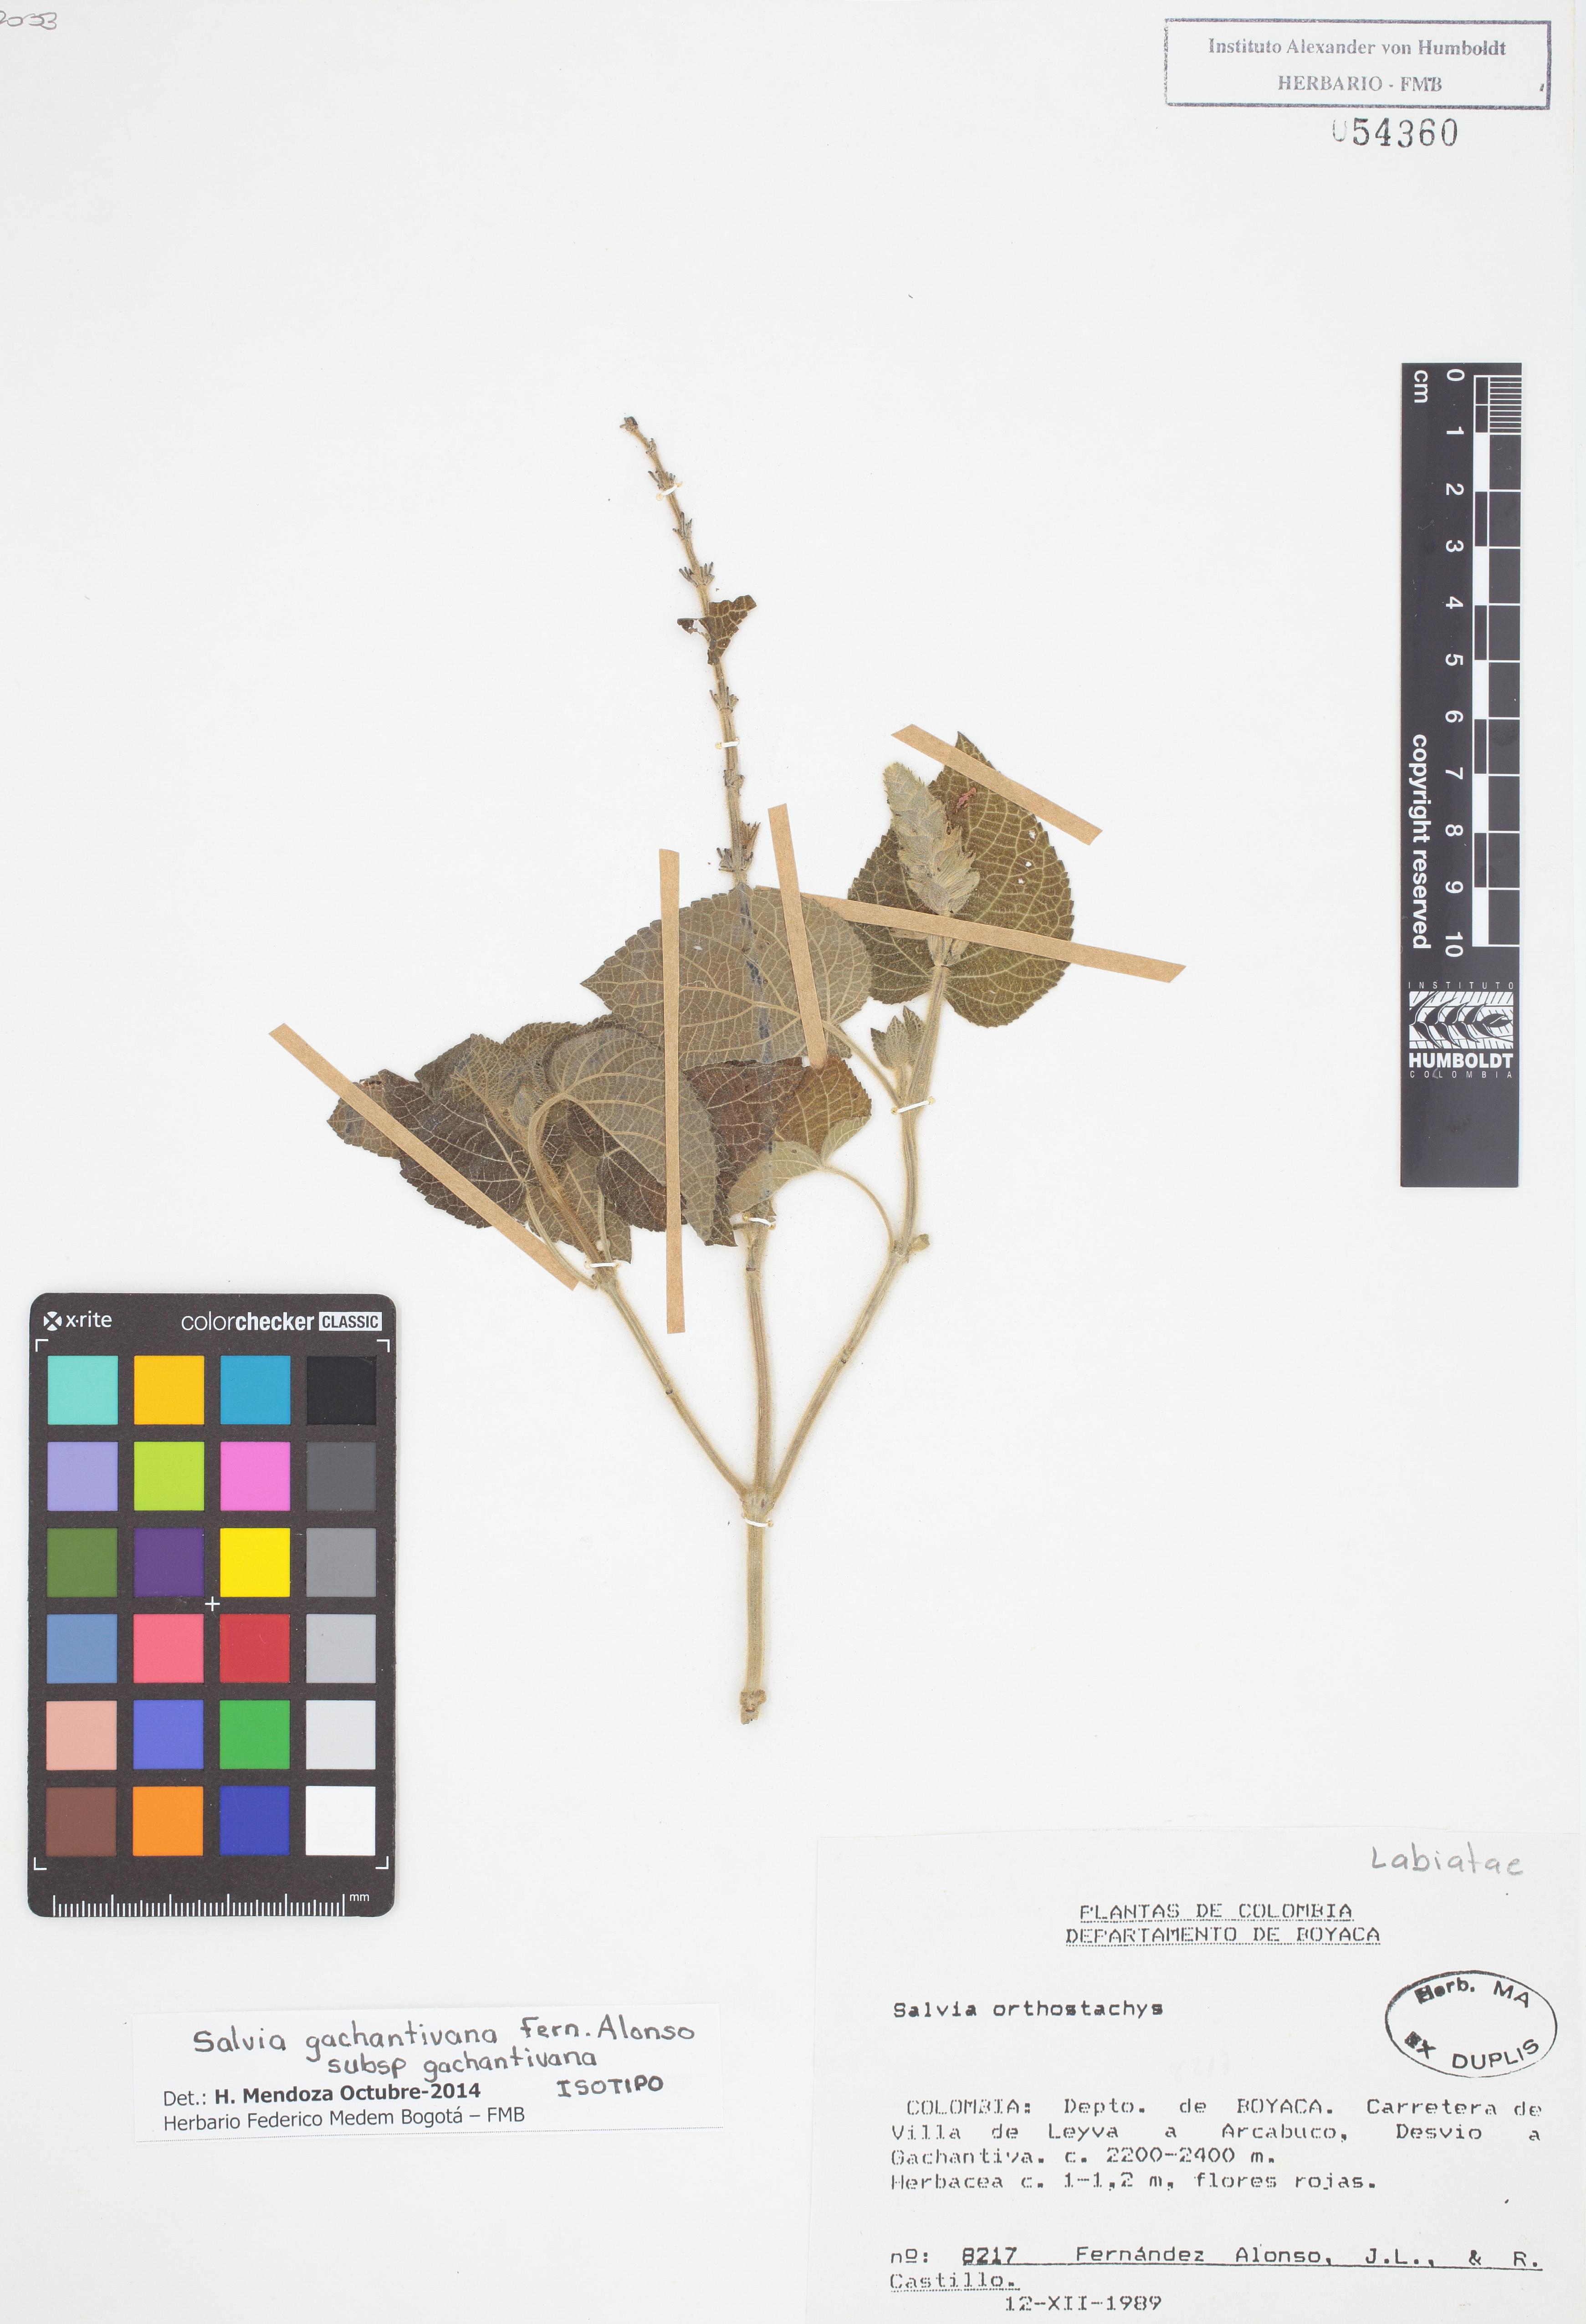 Isotipo de <em>Salvia gachantivana</em> subsp. <em>gachantivana</em>, FMB-54360, Fotografía por Robles A.